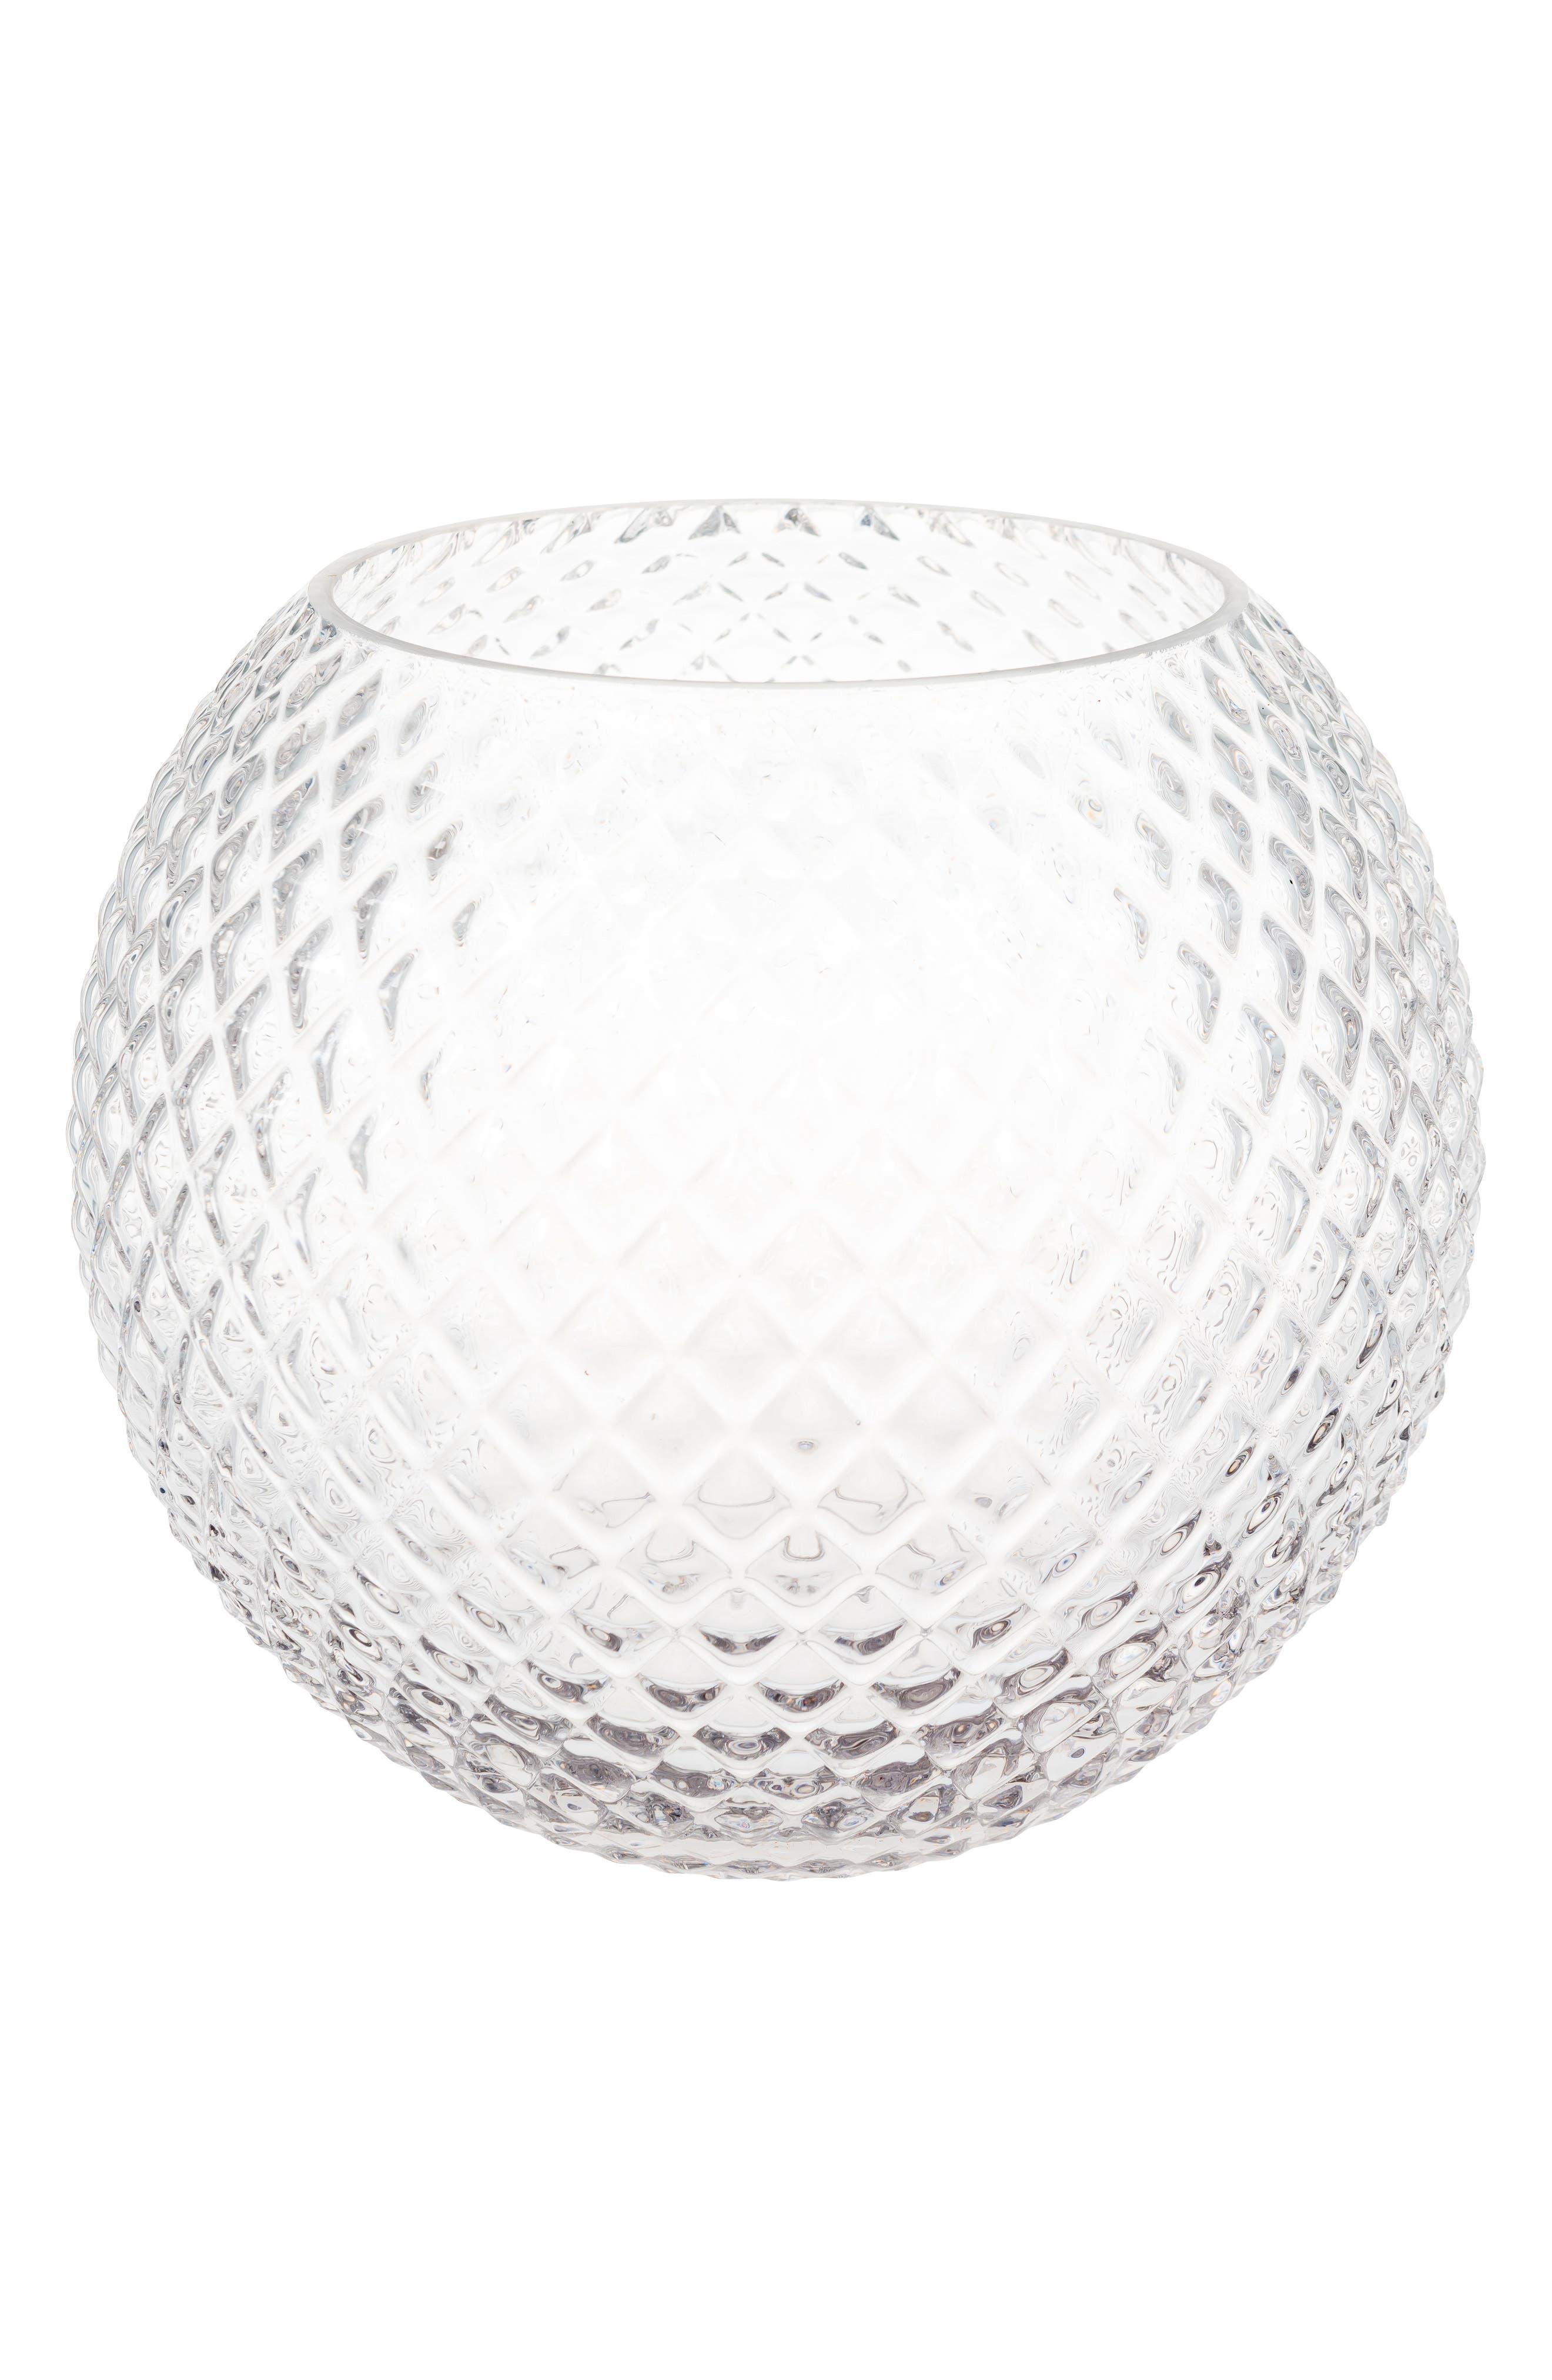 Eightmood Ilse Glass Vase